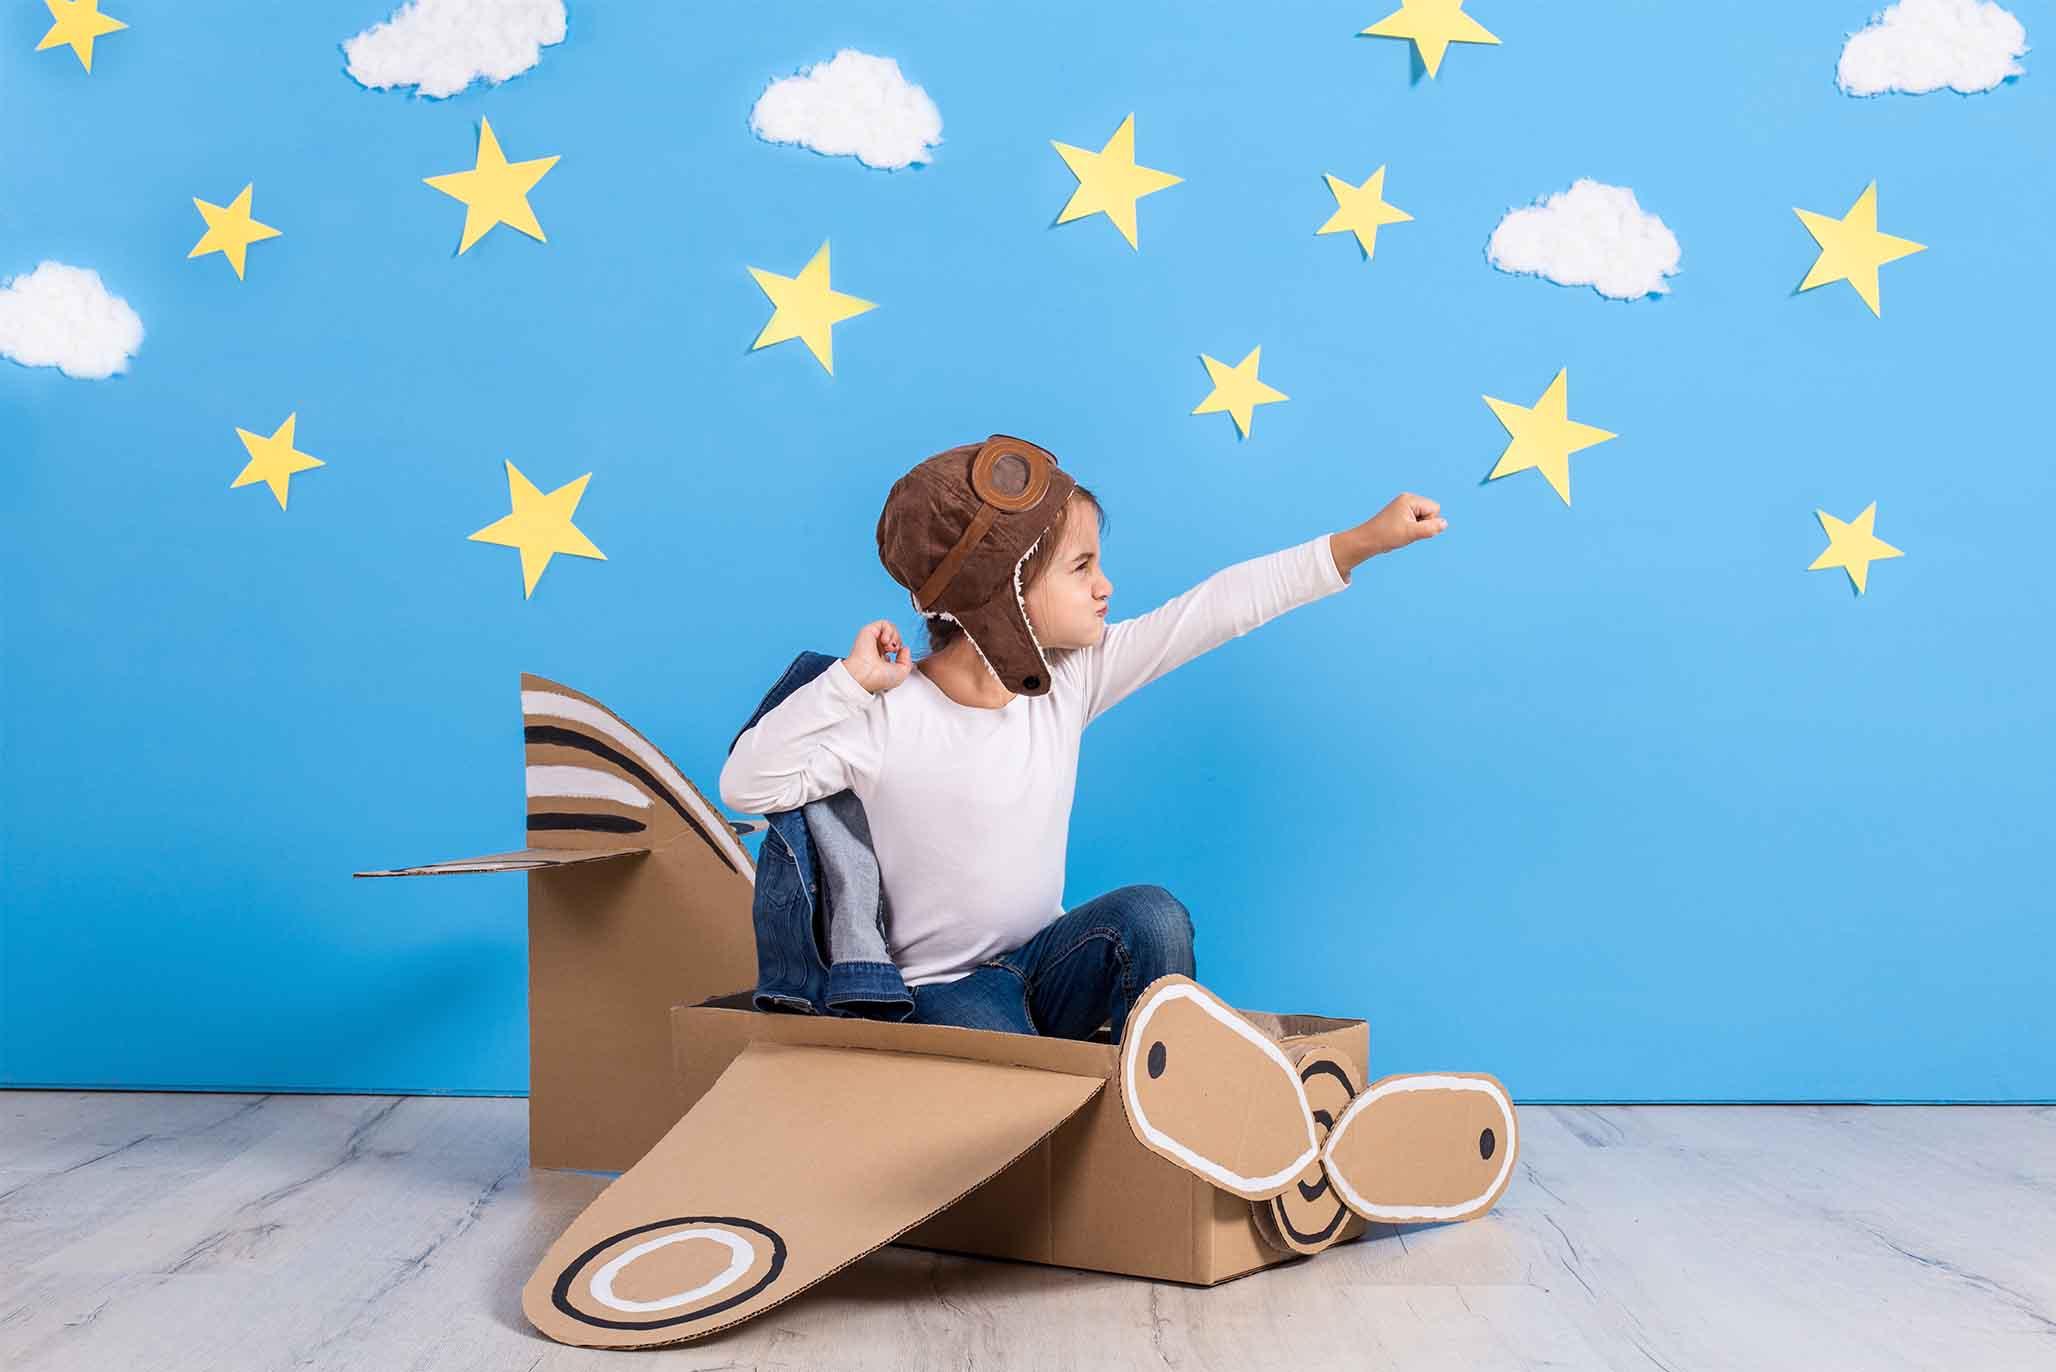 """""""मैं एक अंतरिक्ष यात्री बनना चाहता हूं"""" - अपने बच्चे के सपने को असल आकार कैसे दें!"""